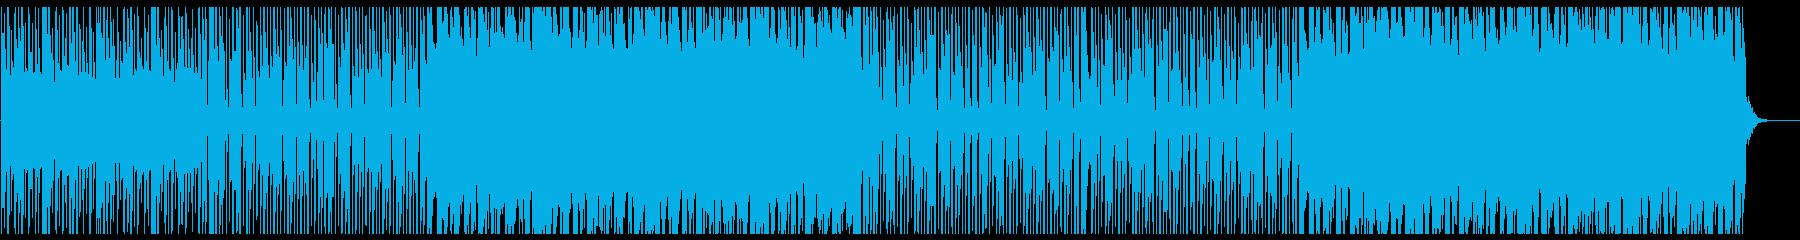 緊迫を感じるBGMの再生済みの波形